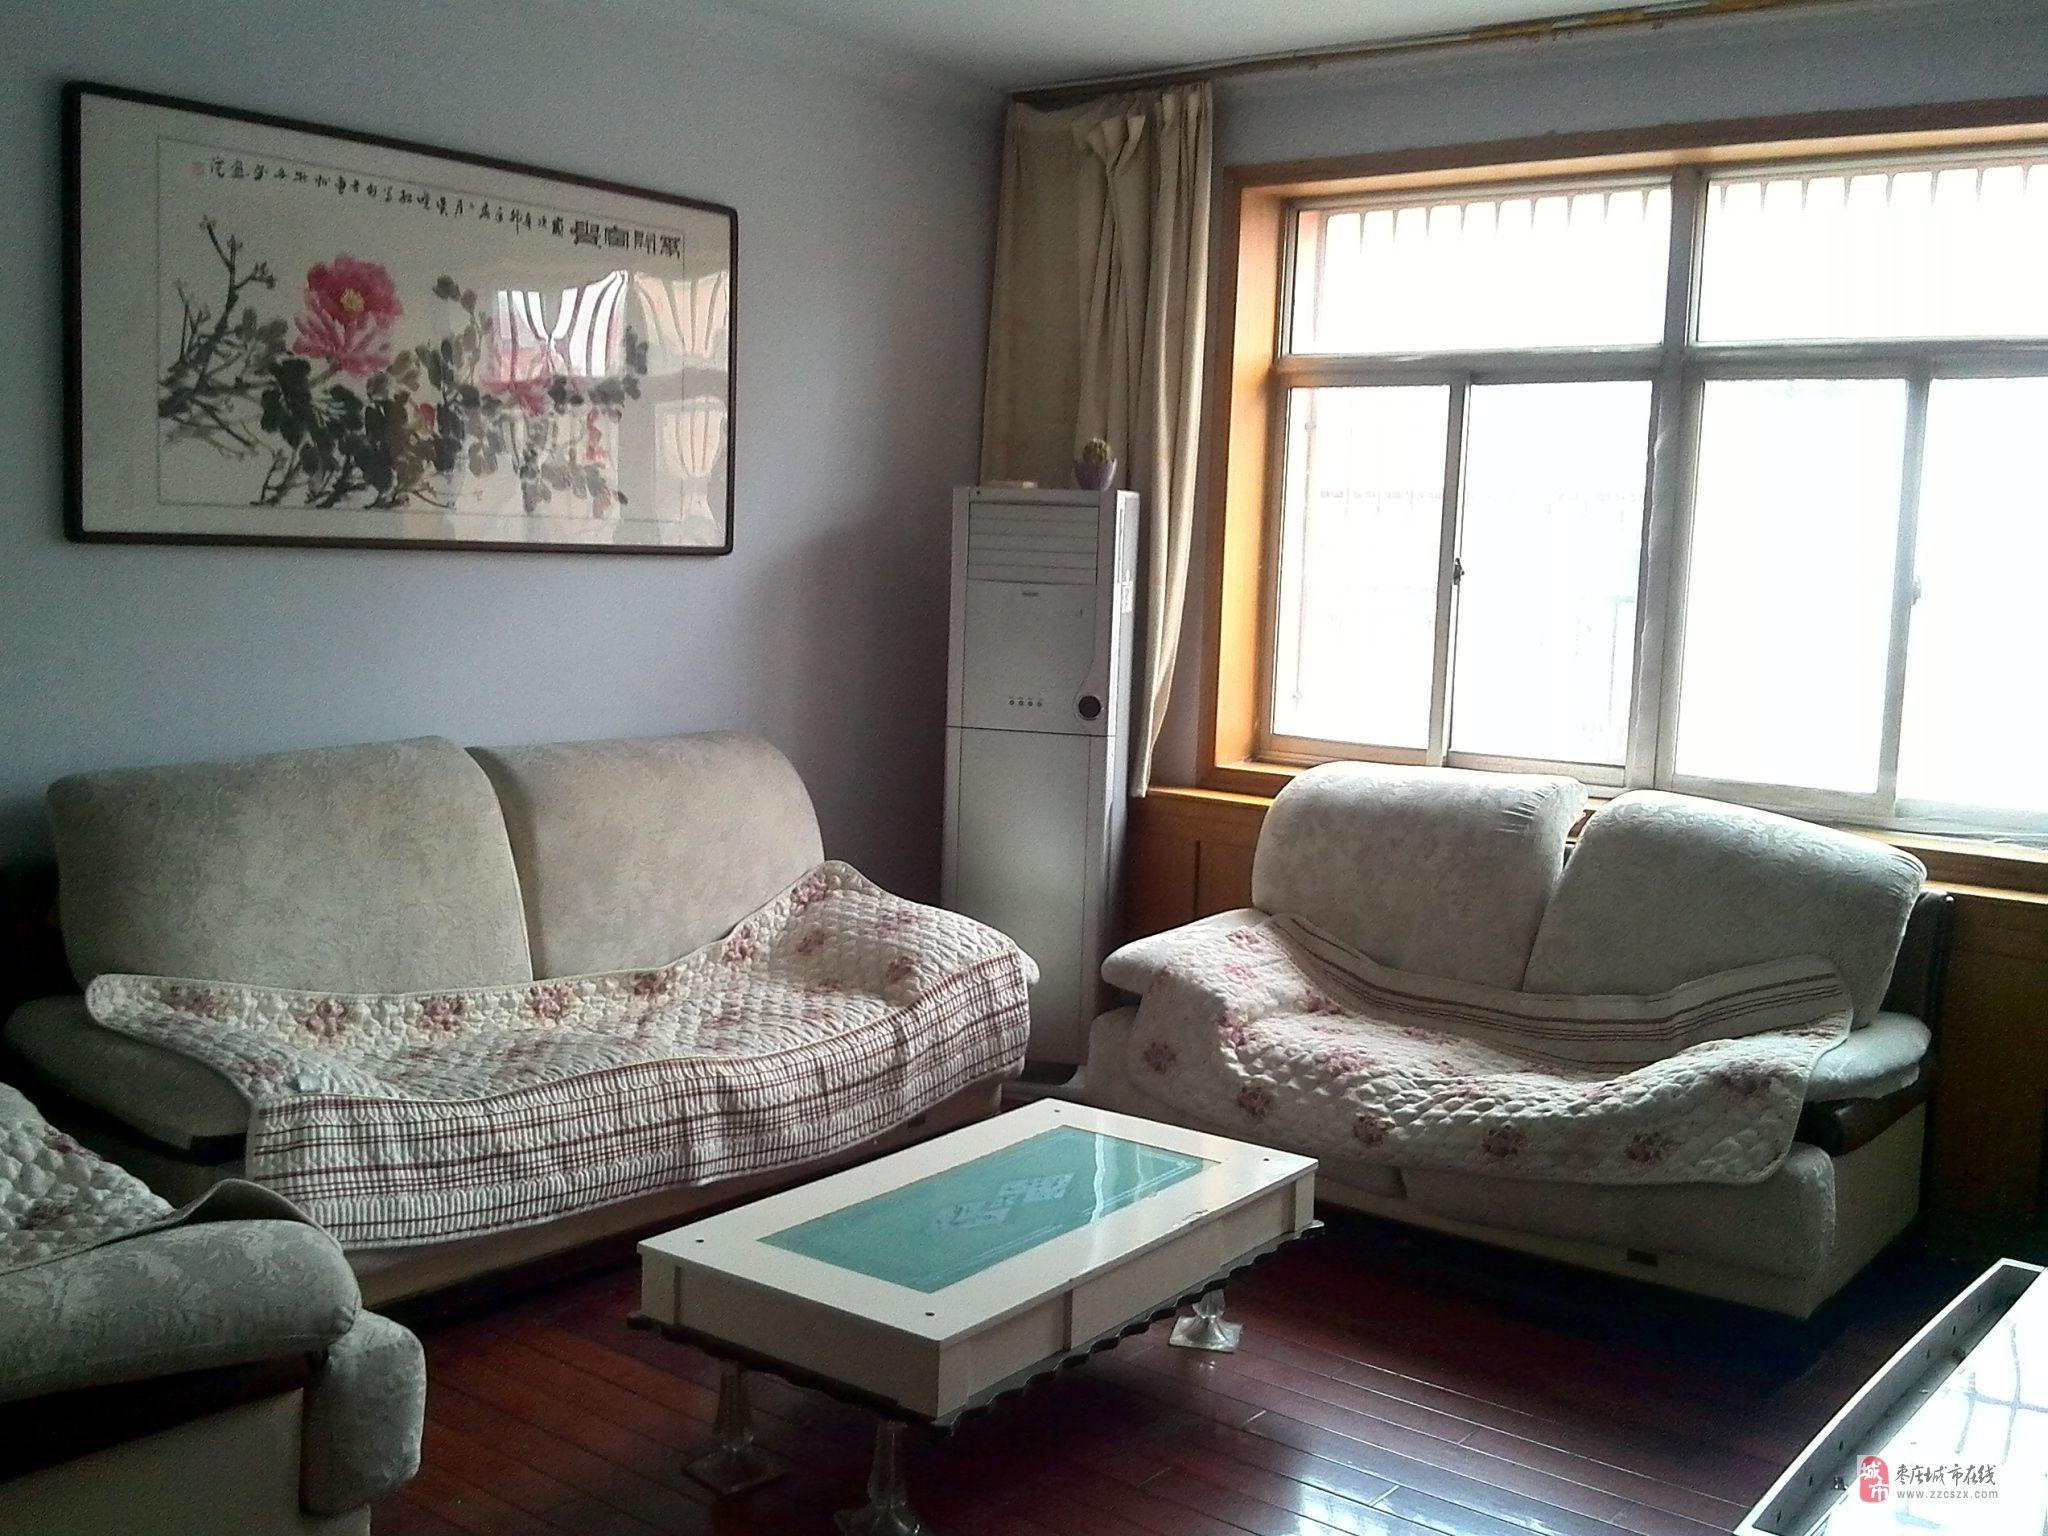 文苑小区。三室二厅。三楼。精装修。床。沙发。空调。